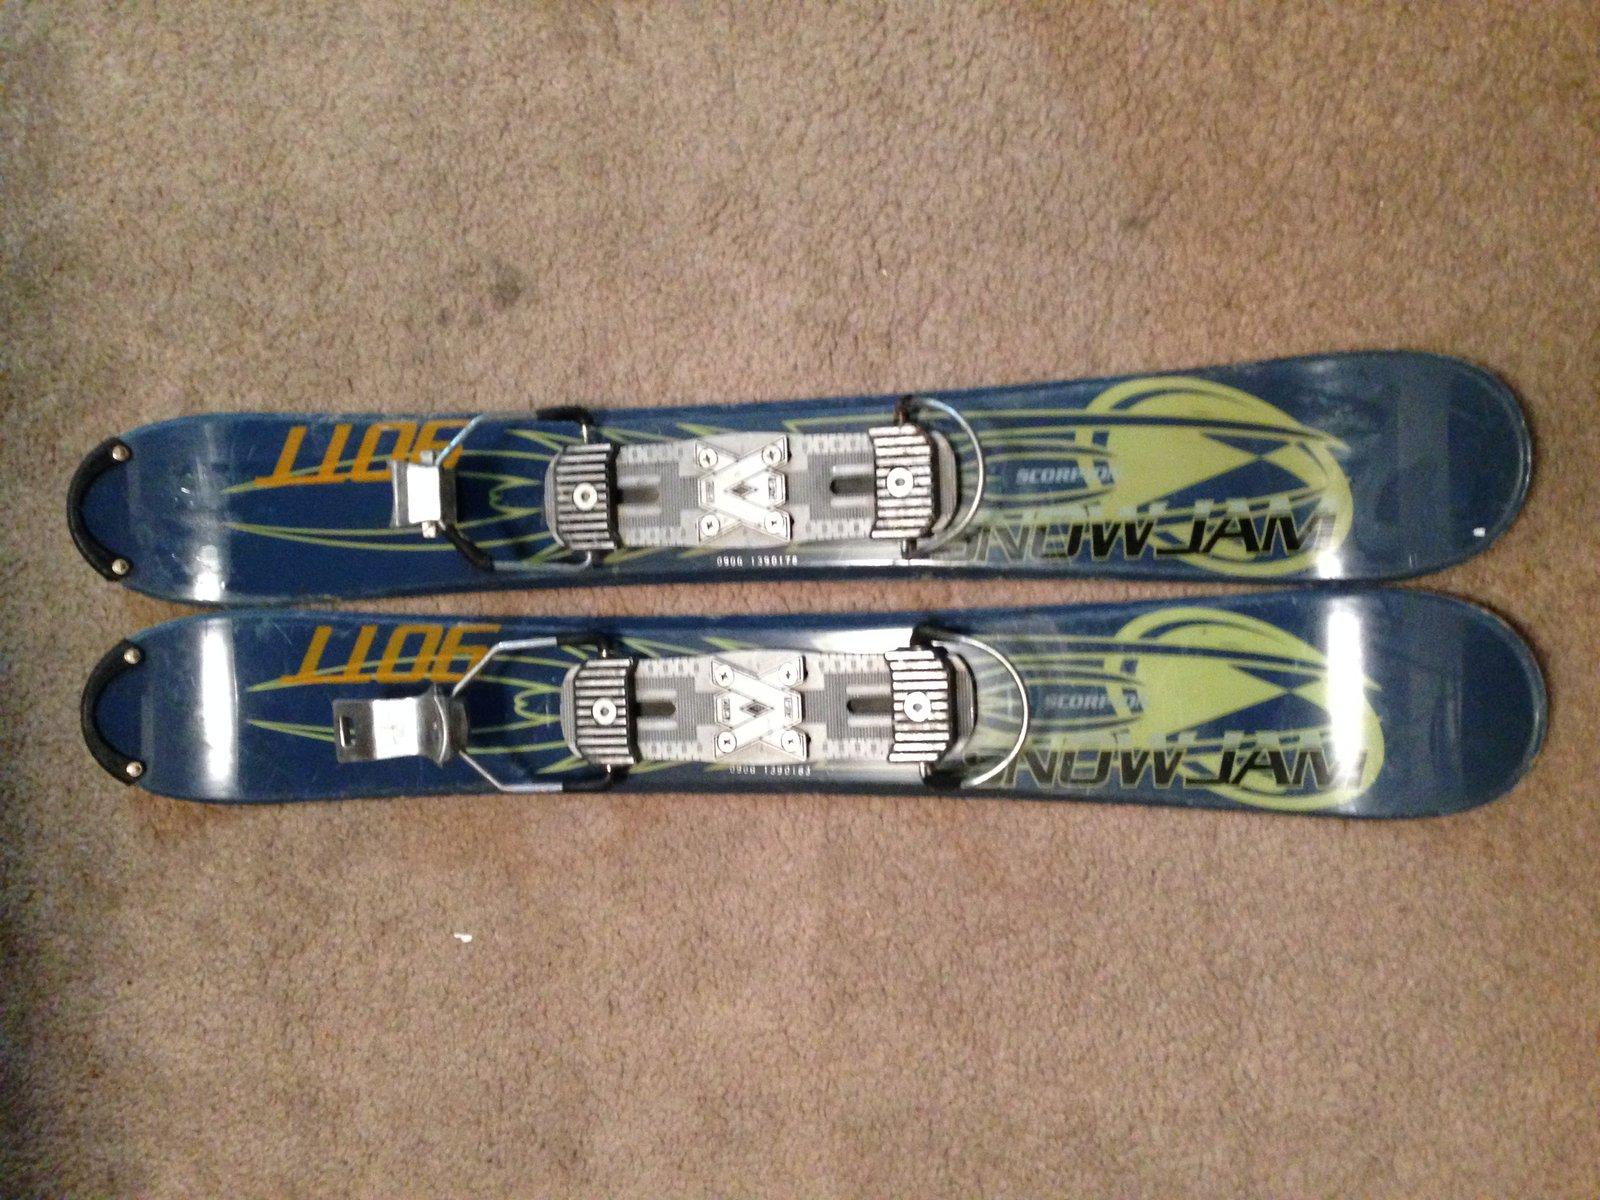 Skiboard/Snowblades for sale